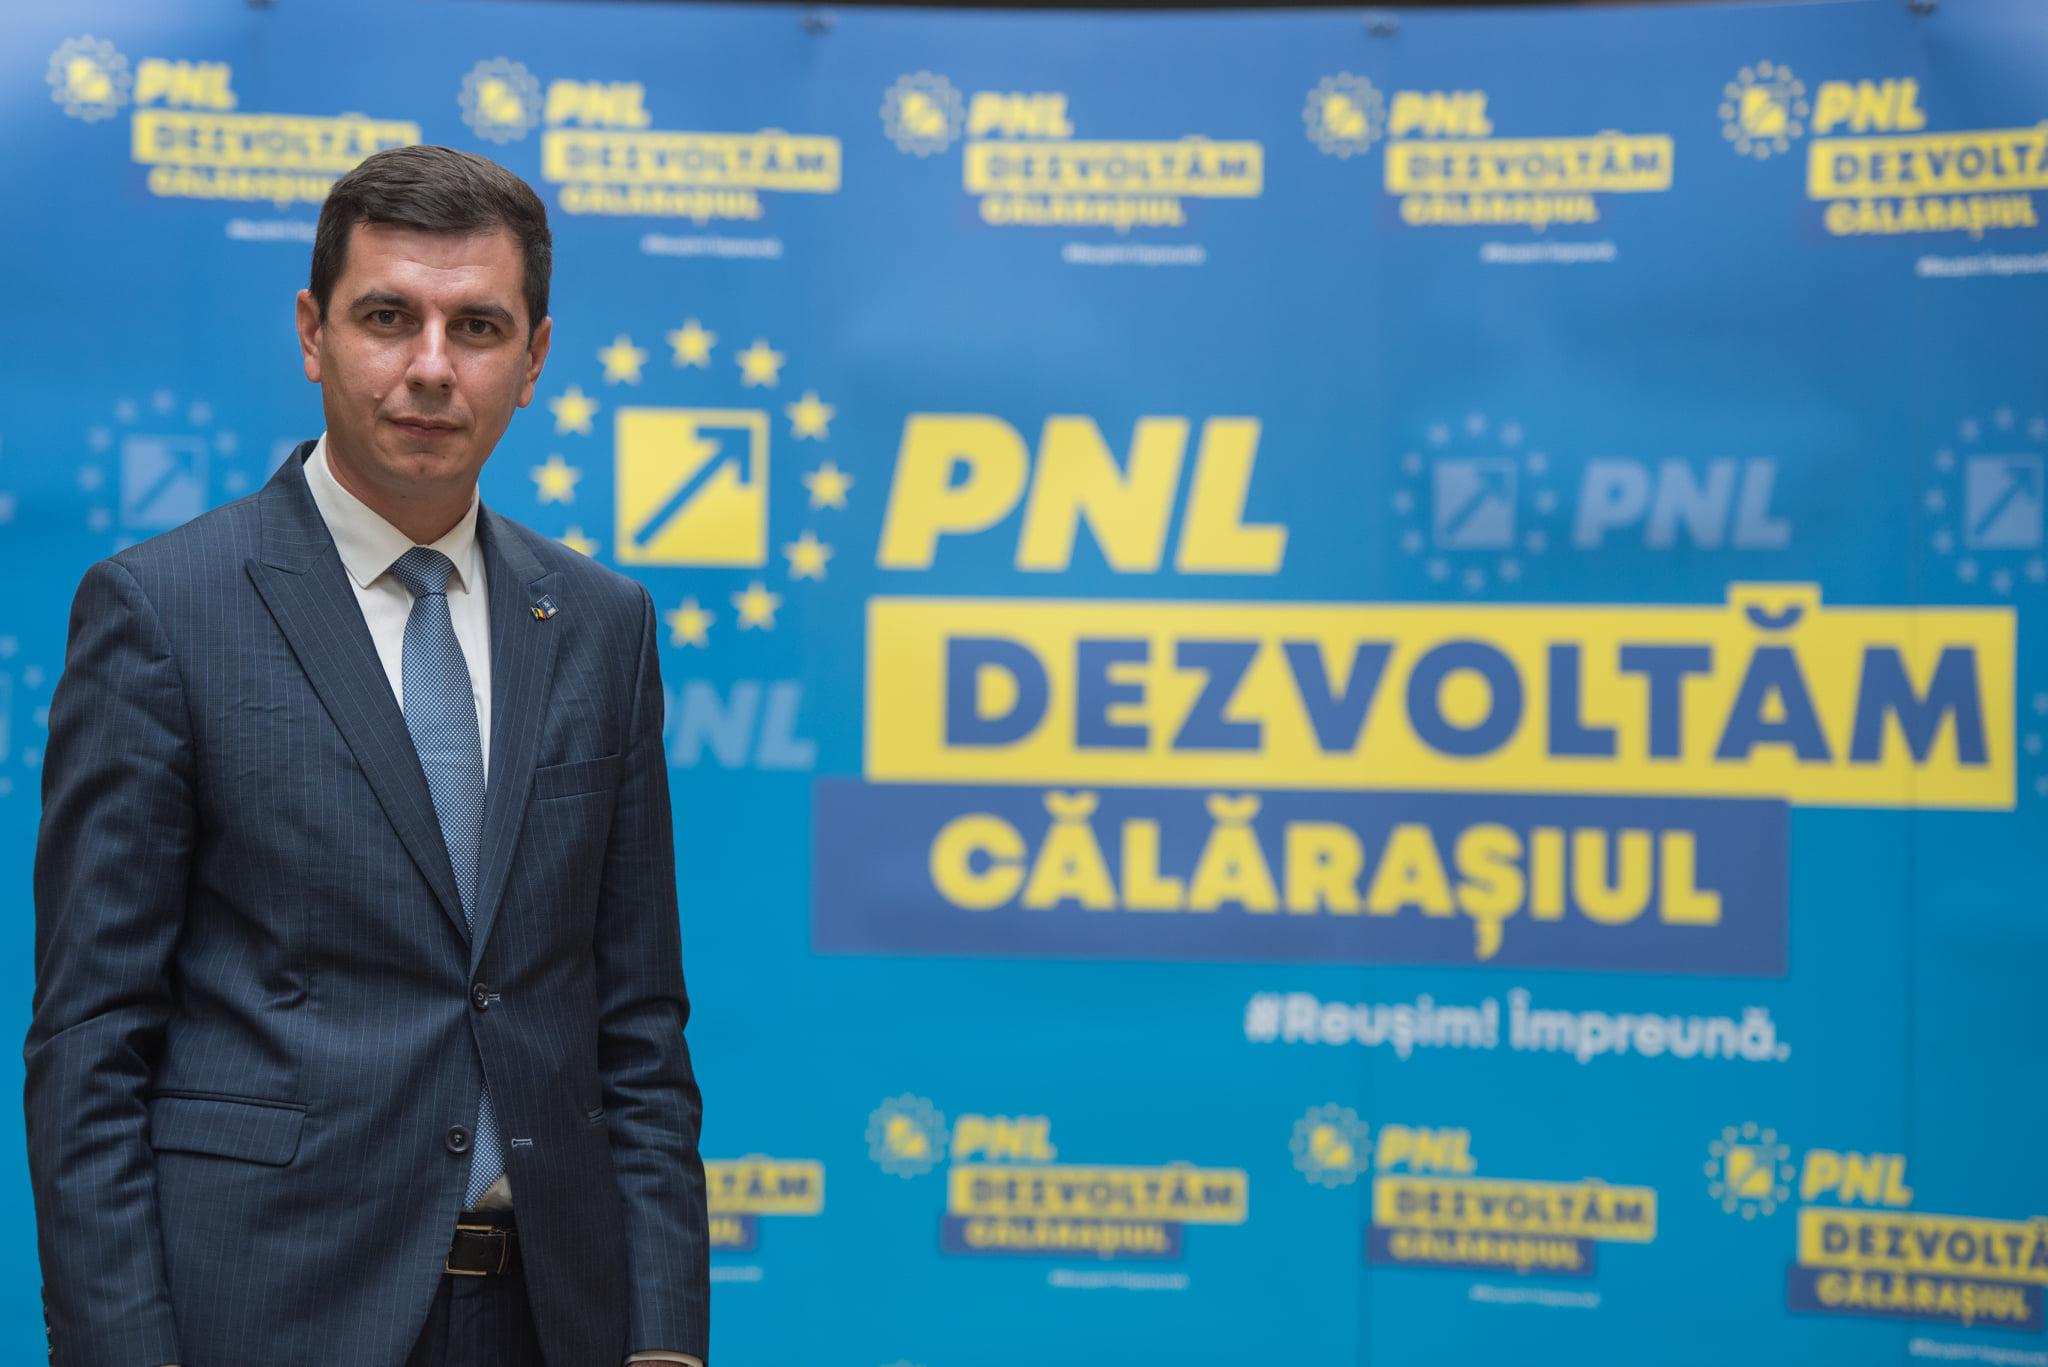 """Președintele PNL Călărași, Emil-Florian Dumitru: ,,Media de vârstă a candidaților PNL Călărași este de 37,5 ani, ceea ce înseamnă că este cel puțin un gest de curaj din partea partidului nostru să intre în luptă cu tineri"""""""